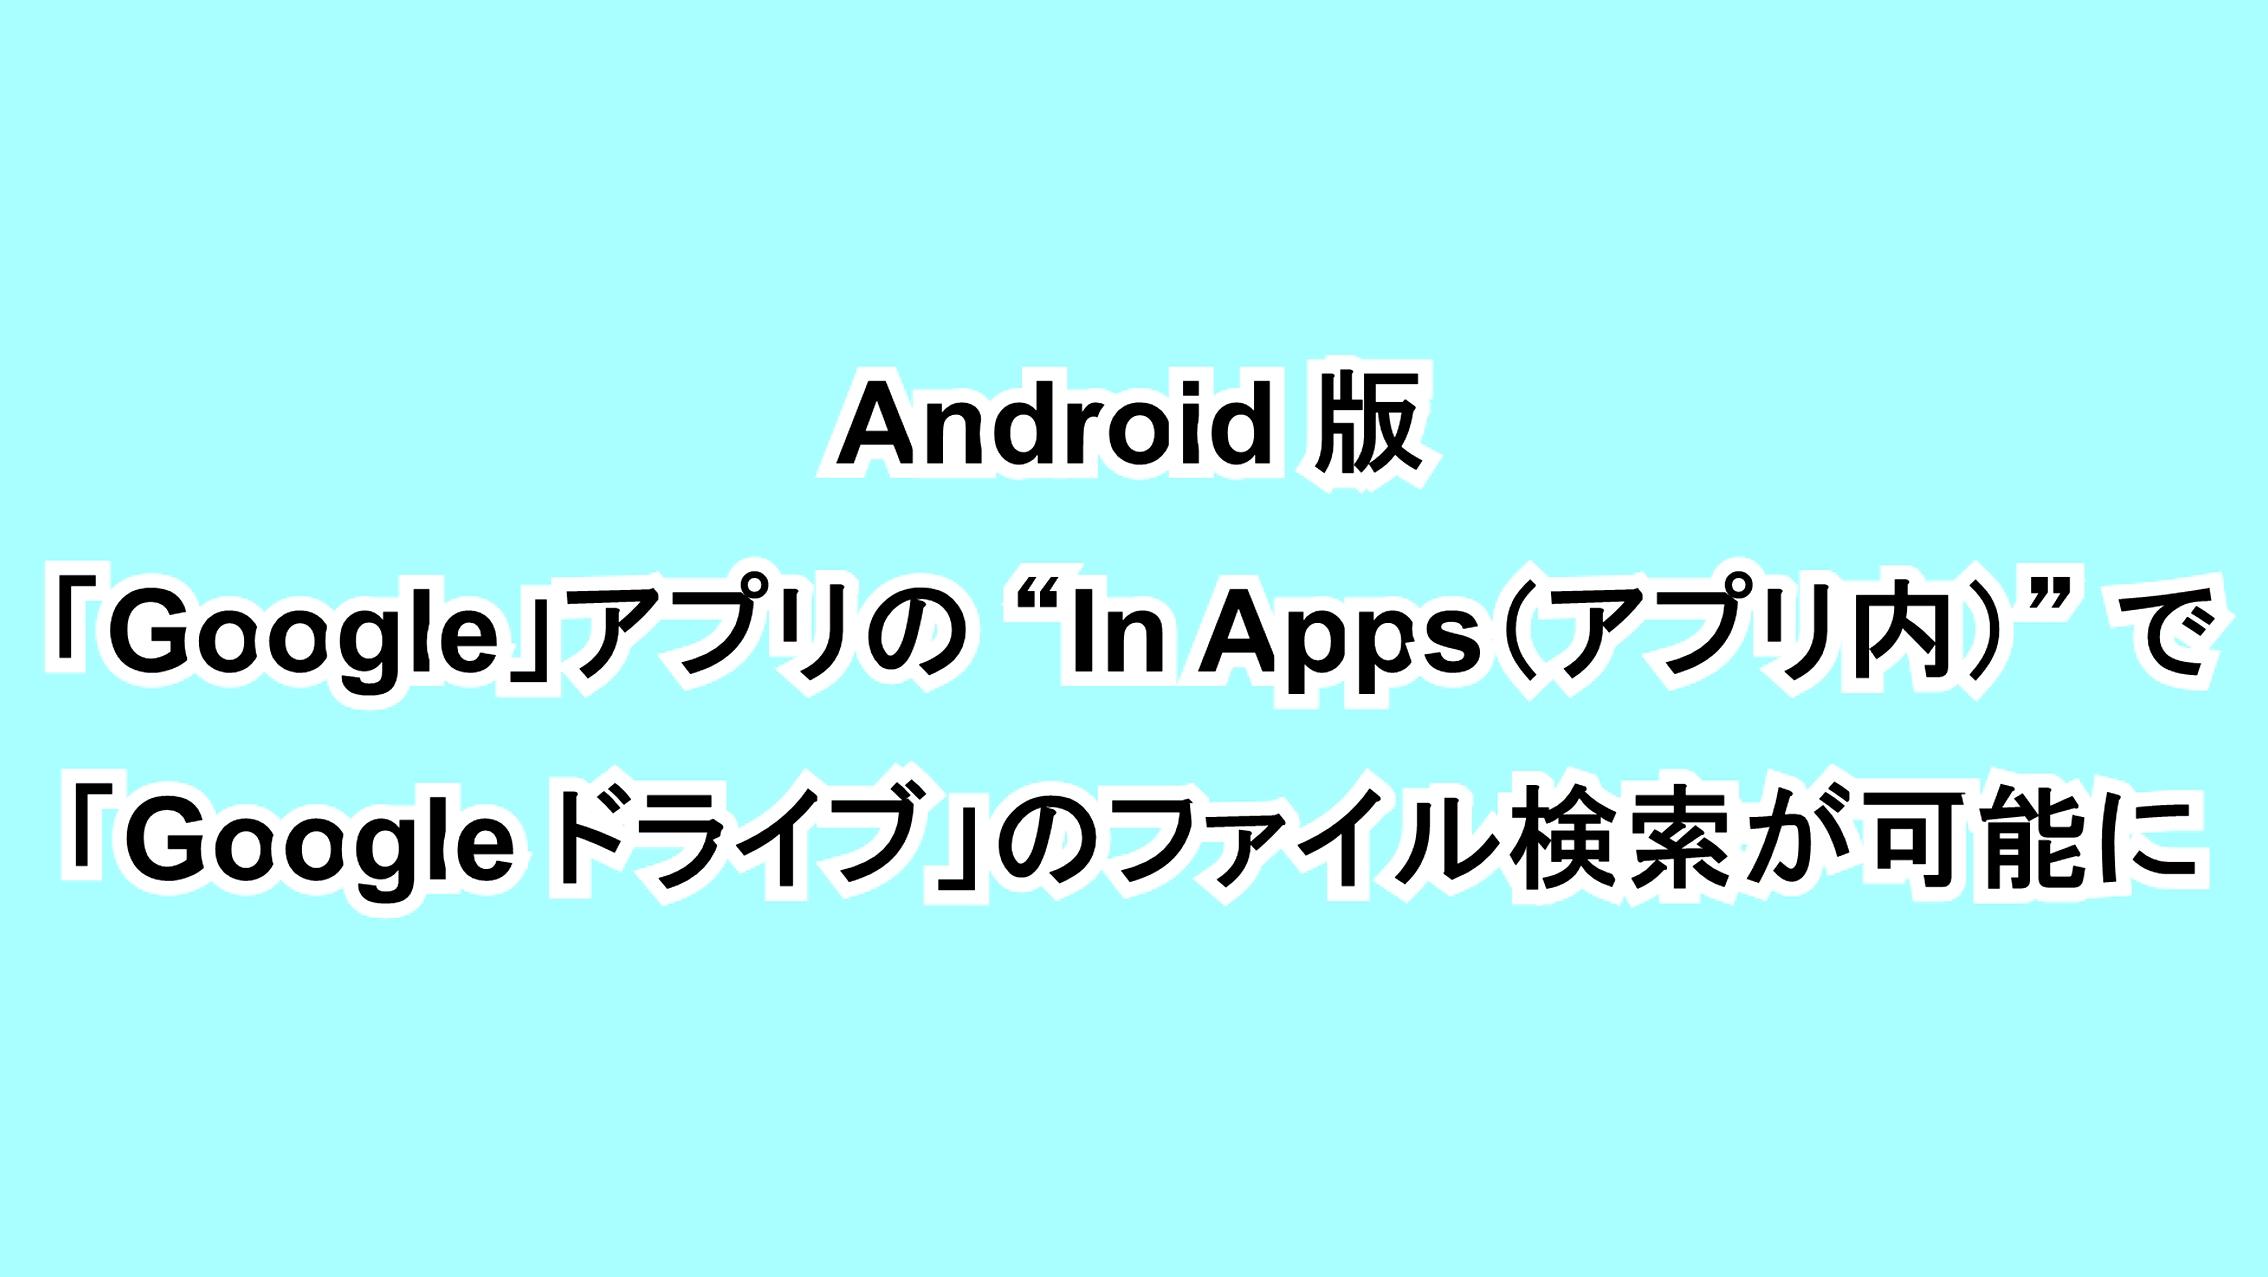 """Android版「Google」アプリの""""In Apps(アプリ内)""""で「Google ドライブ」のファイル検索が可能に"""